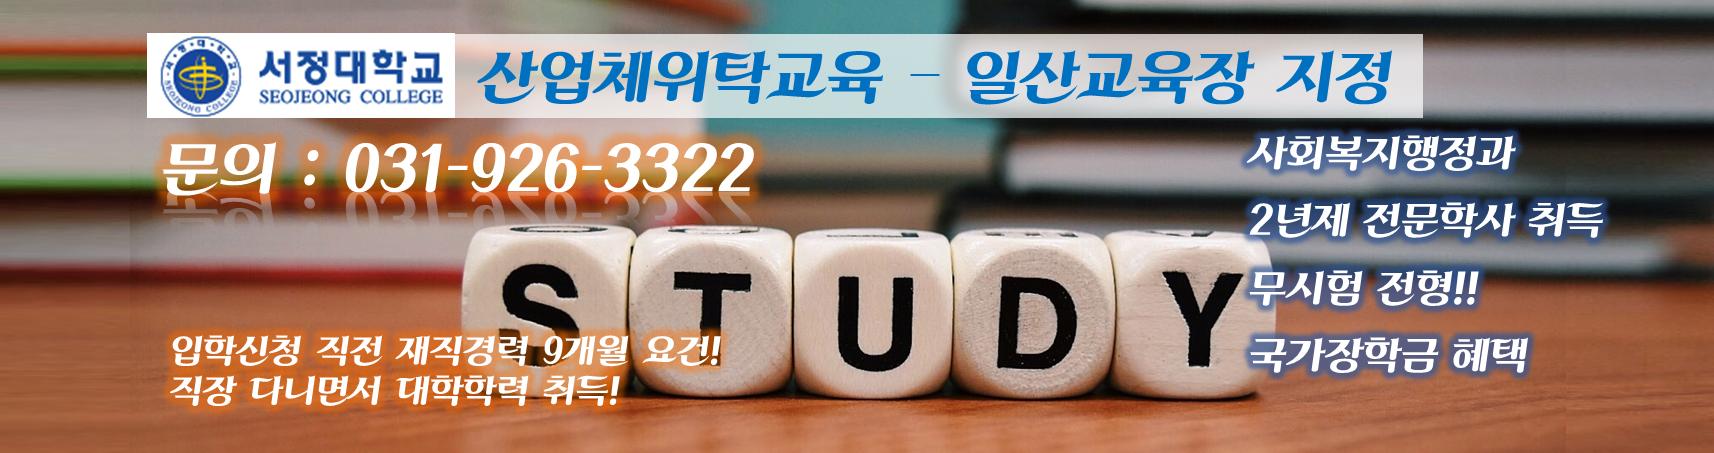 서브 - 서정대학교 산업체 위탁